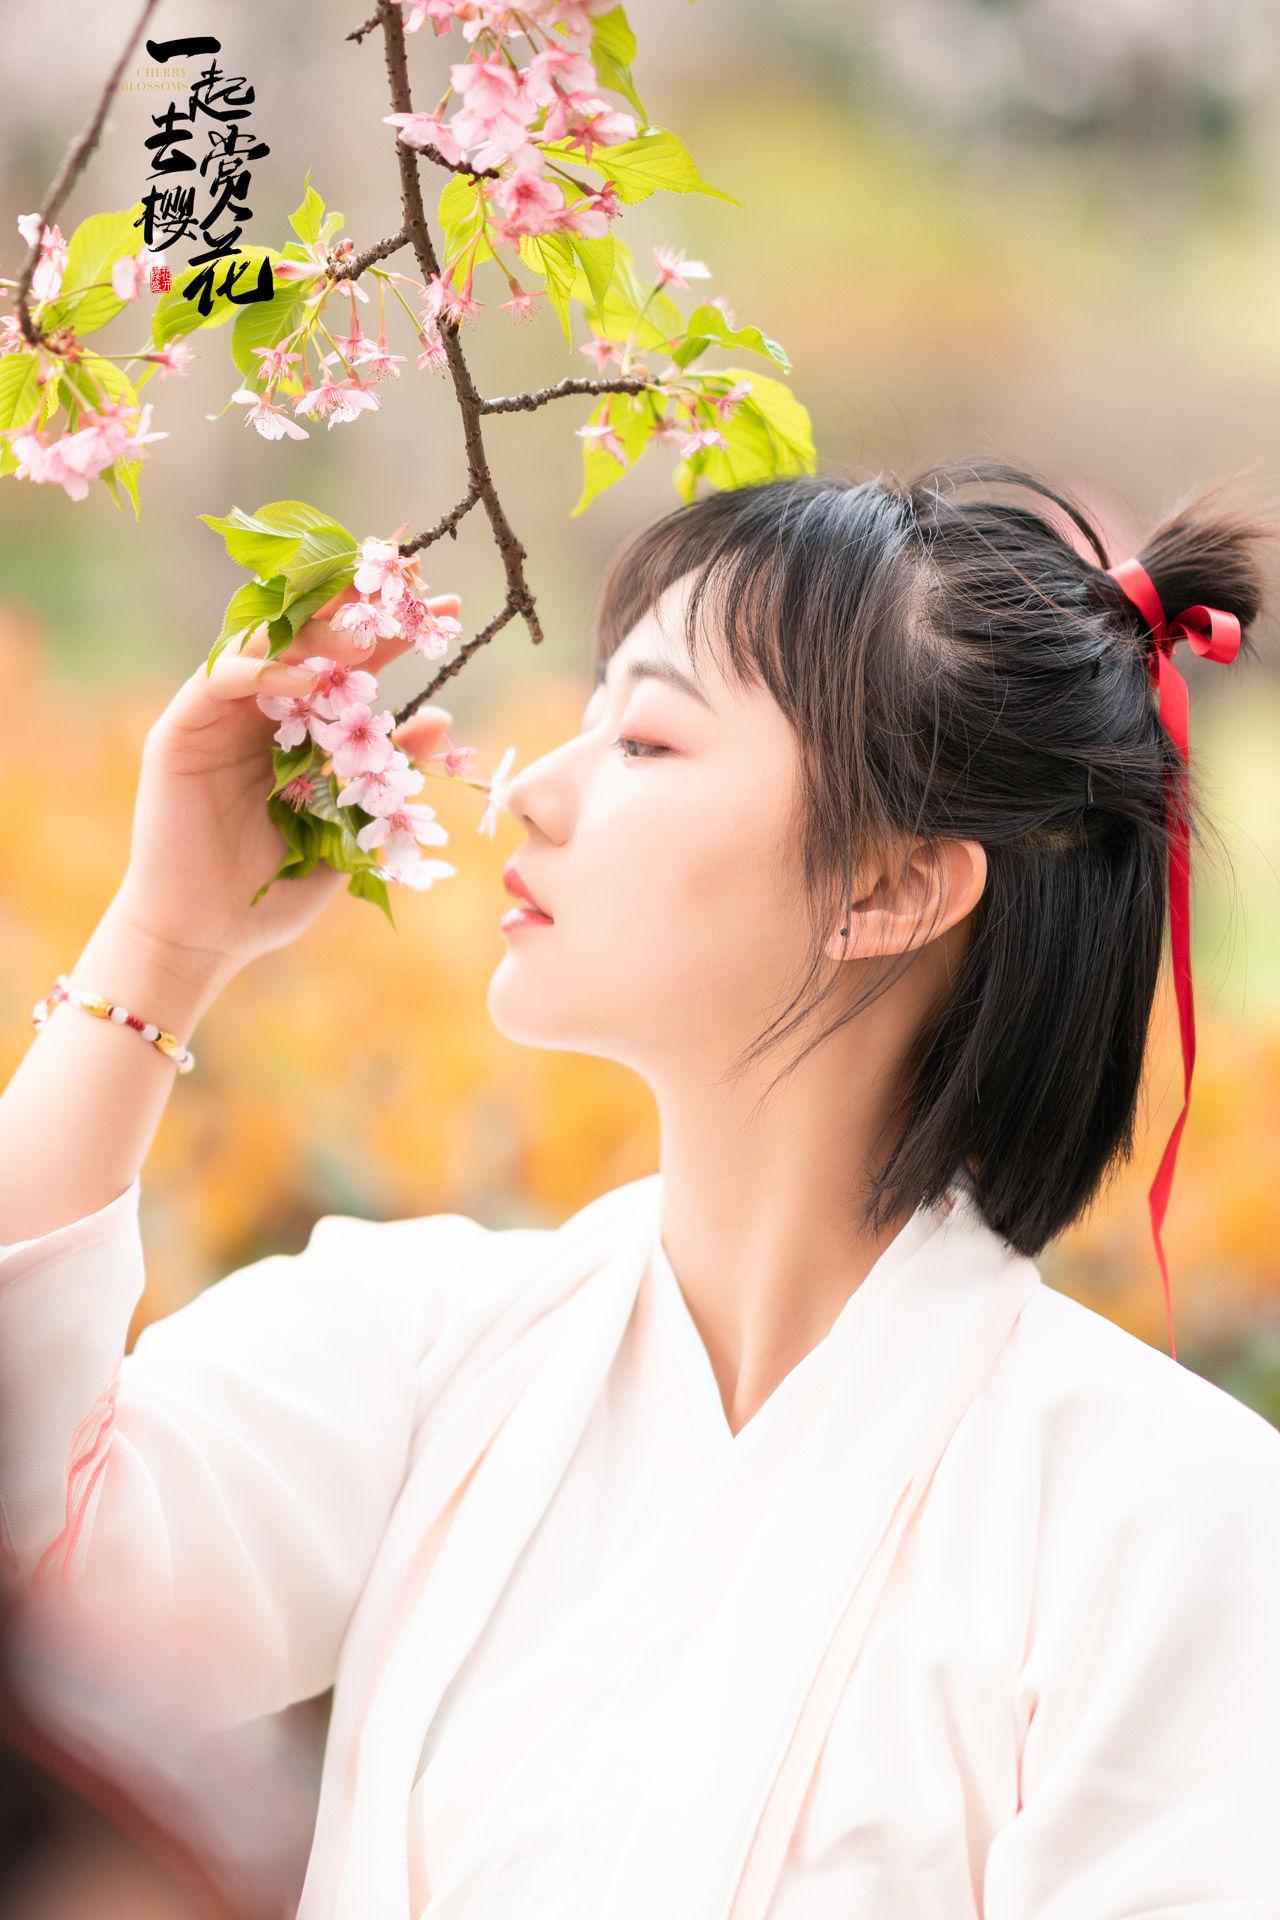 2019-03-17 顧村公園櫻花_攝影師蔣俞歡的返片